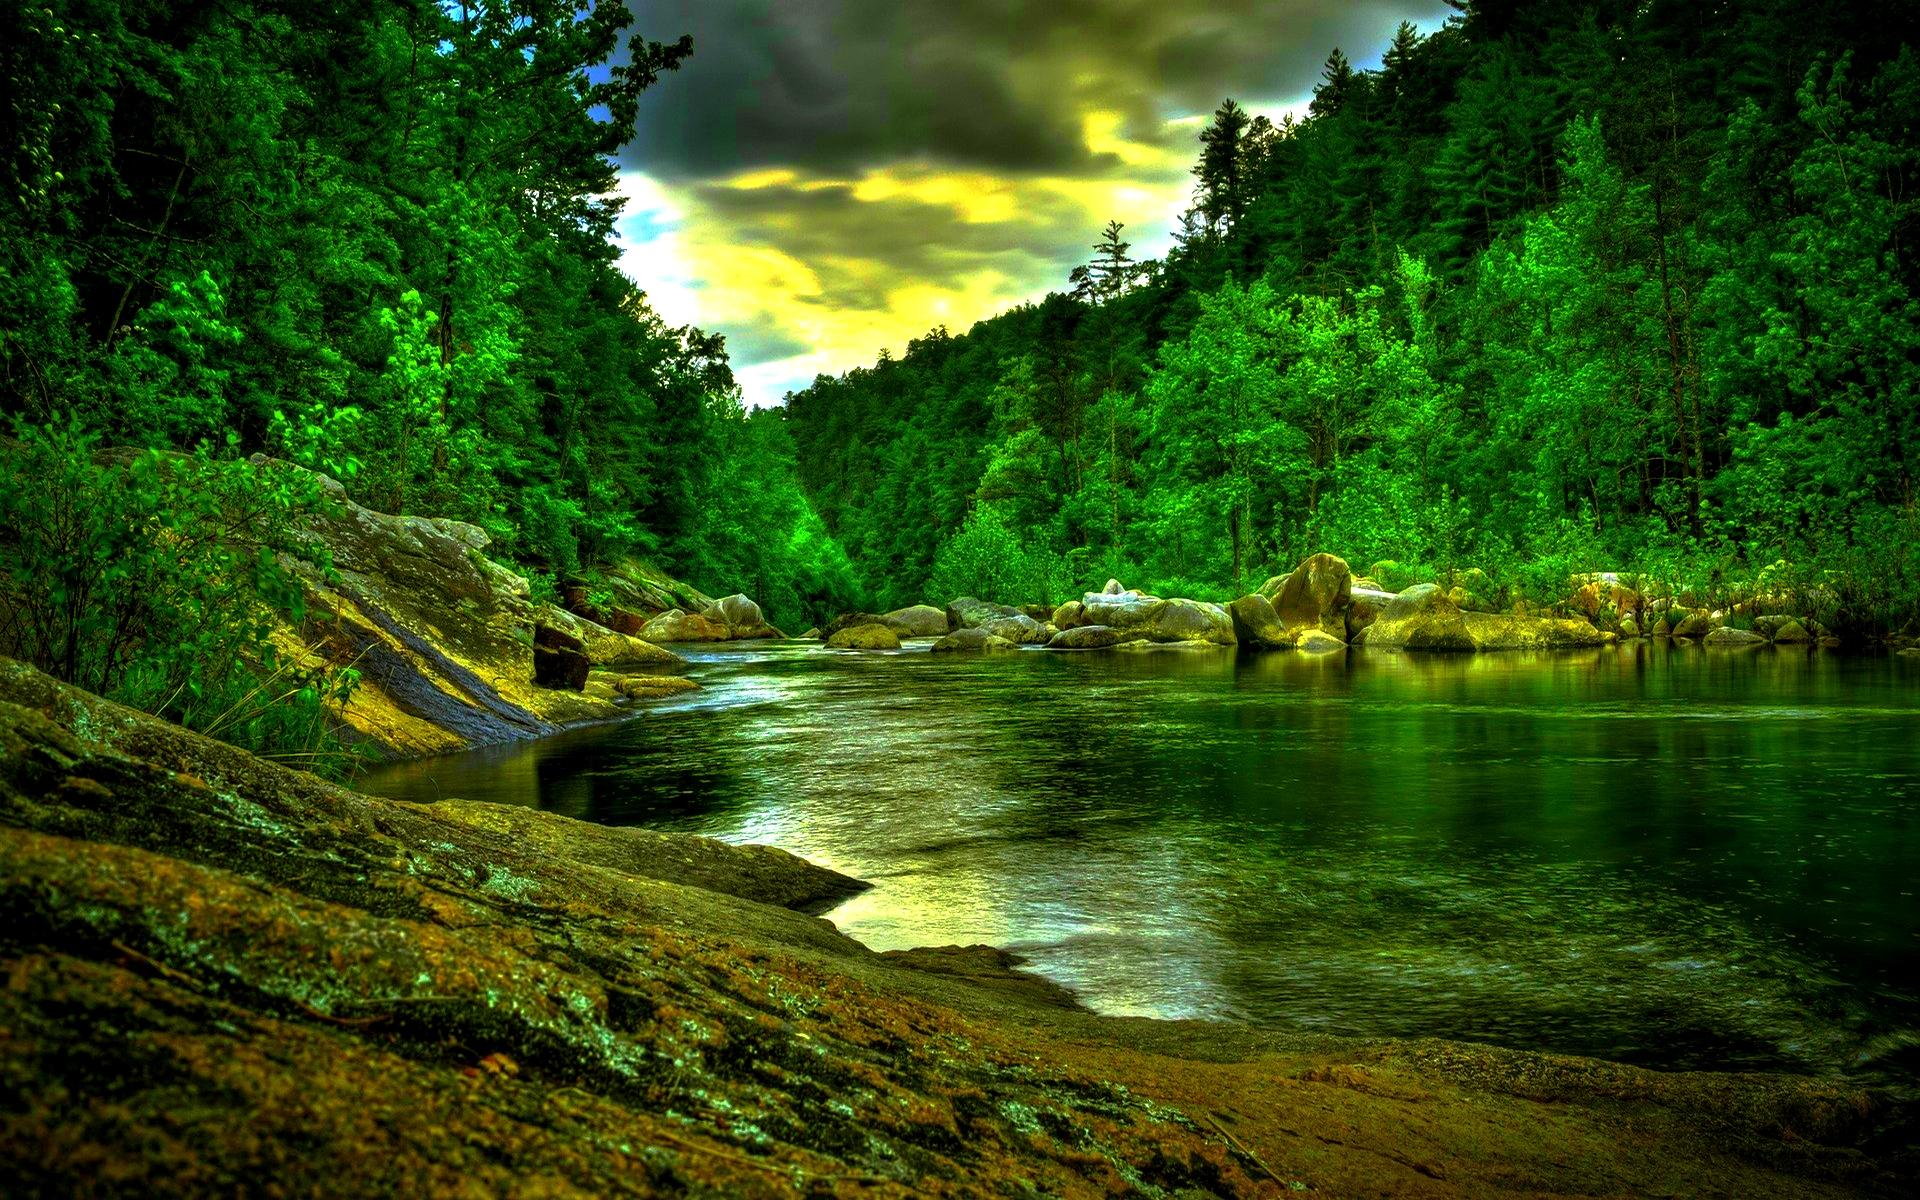 Rainforest Wallpaper